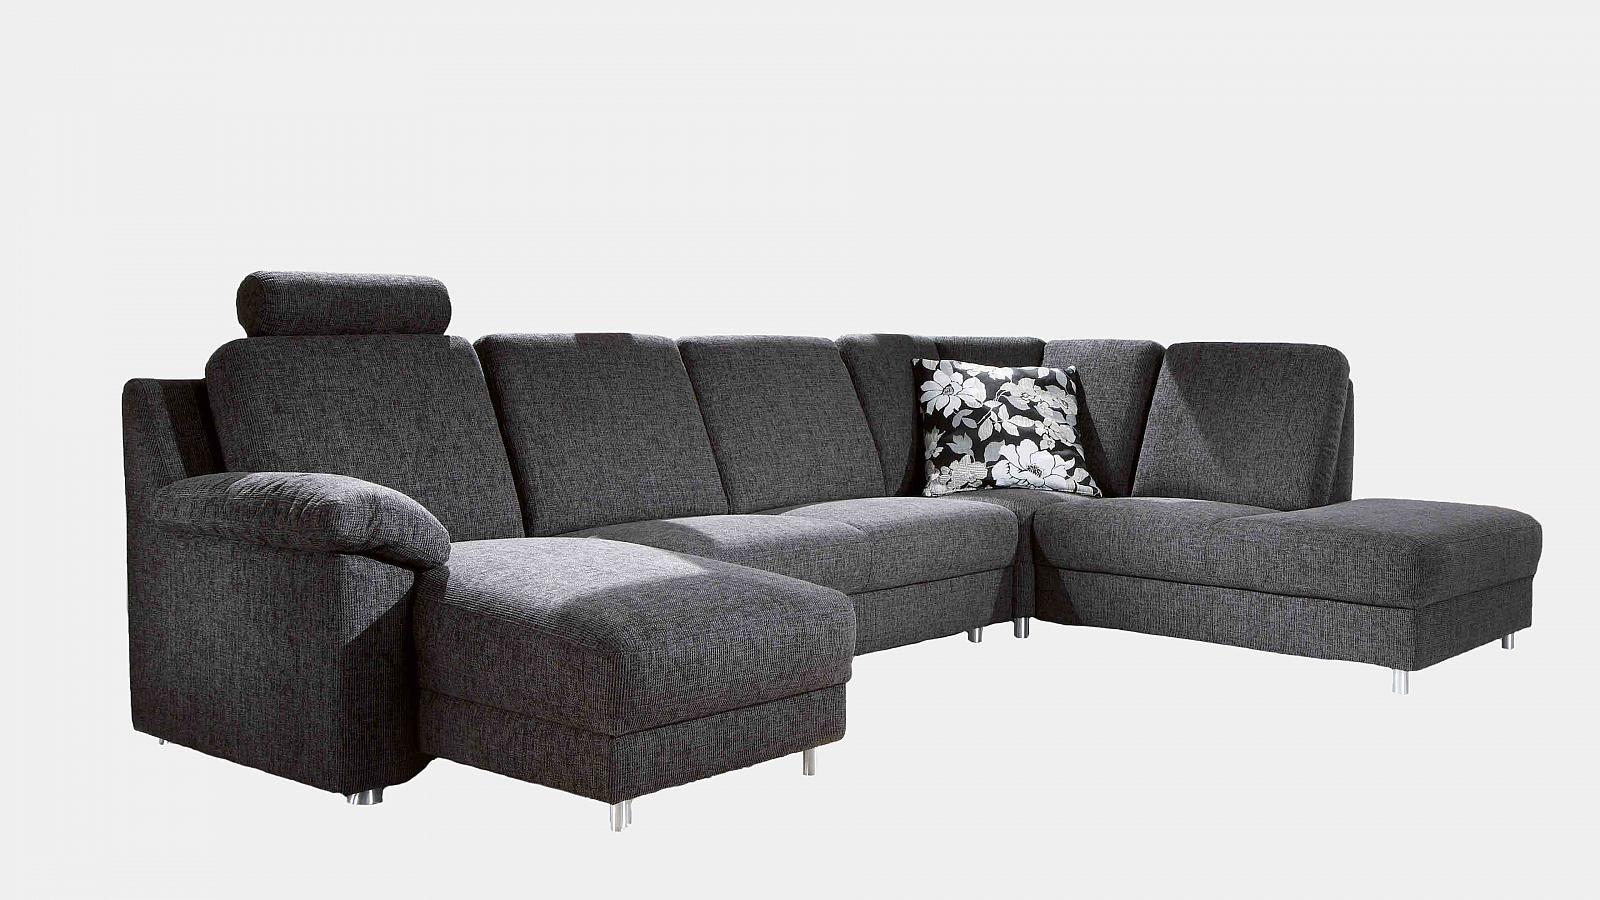 m bel rieger esslingen m bel a z couches sofas ecksofas ecksofa in u form g nstiger. Black Bedroom Furniture Sets. Home Design Ideas